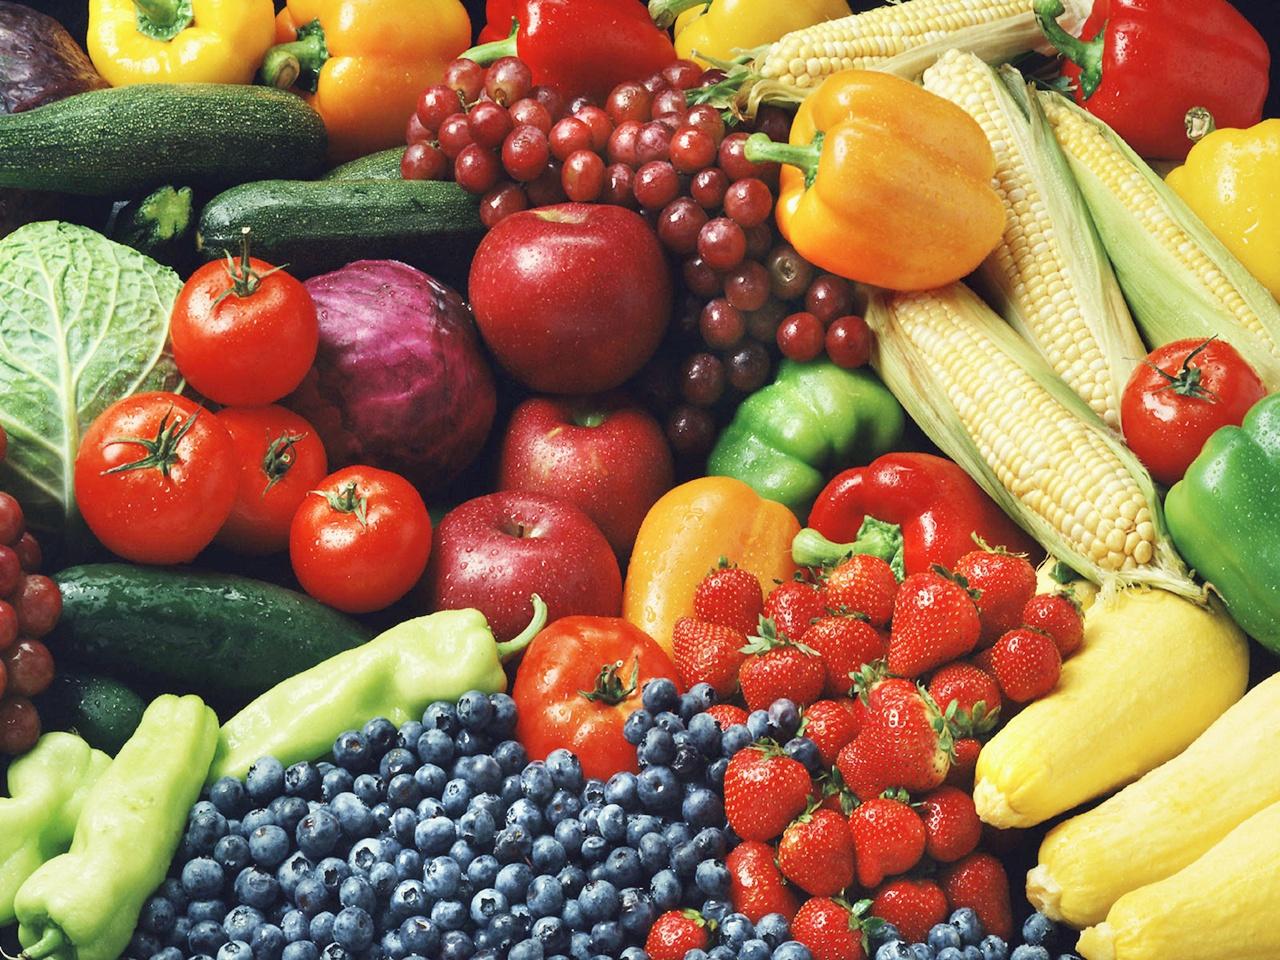 Когда у человека повышен холестерин, то нужно исключить такие продукты как мясо, рыбу, яйца